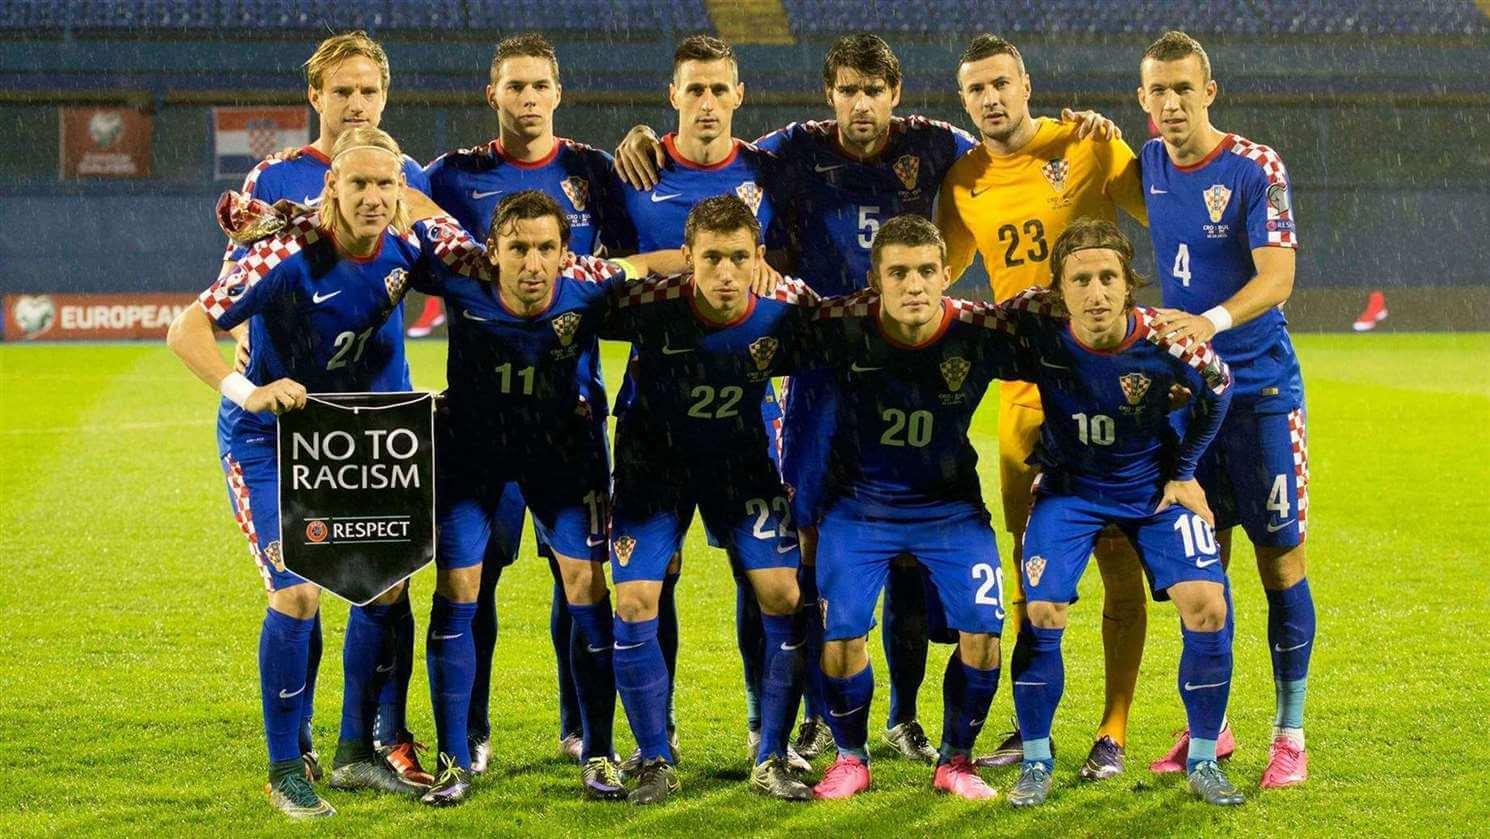 Otkrijte u kojoj ligi petice igra najviše hrvatskih nogometaša